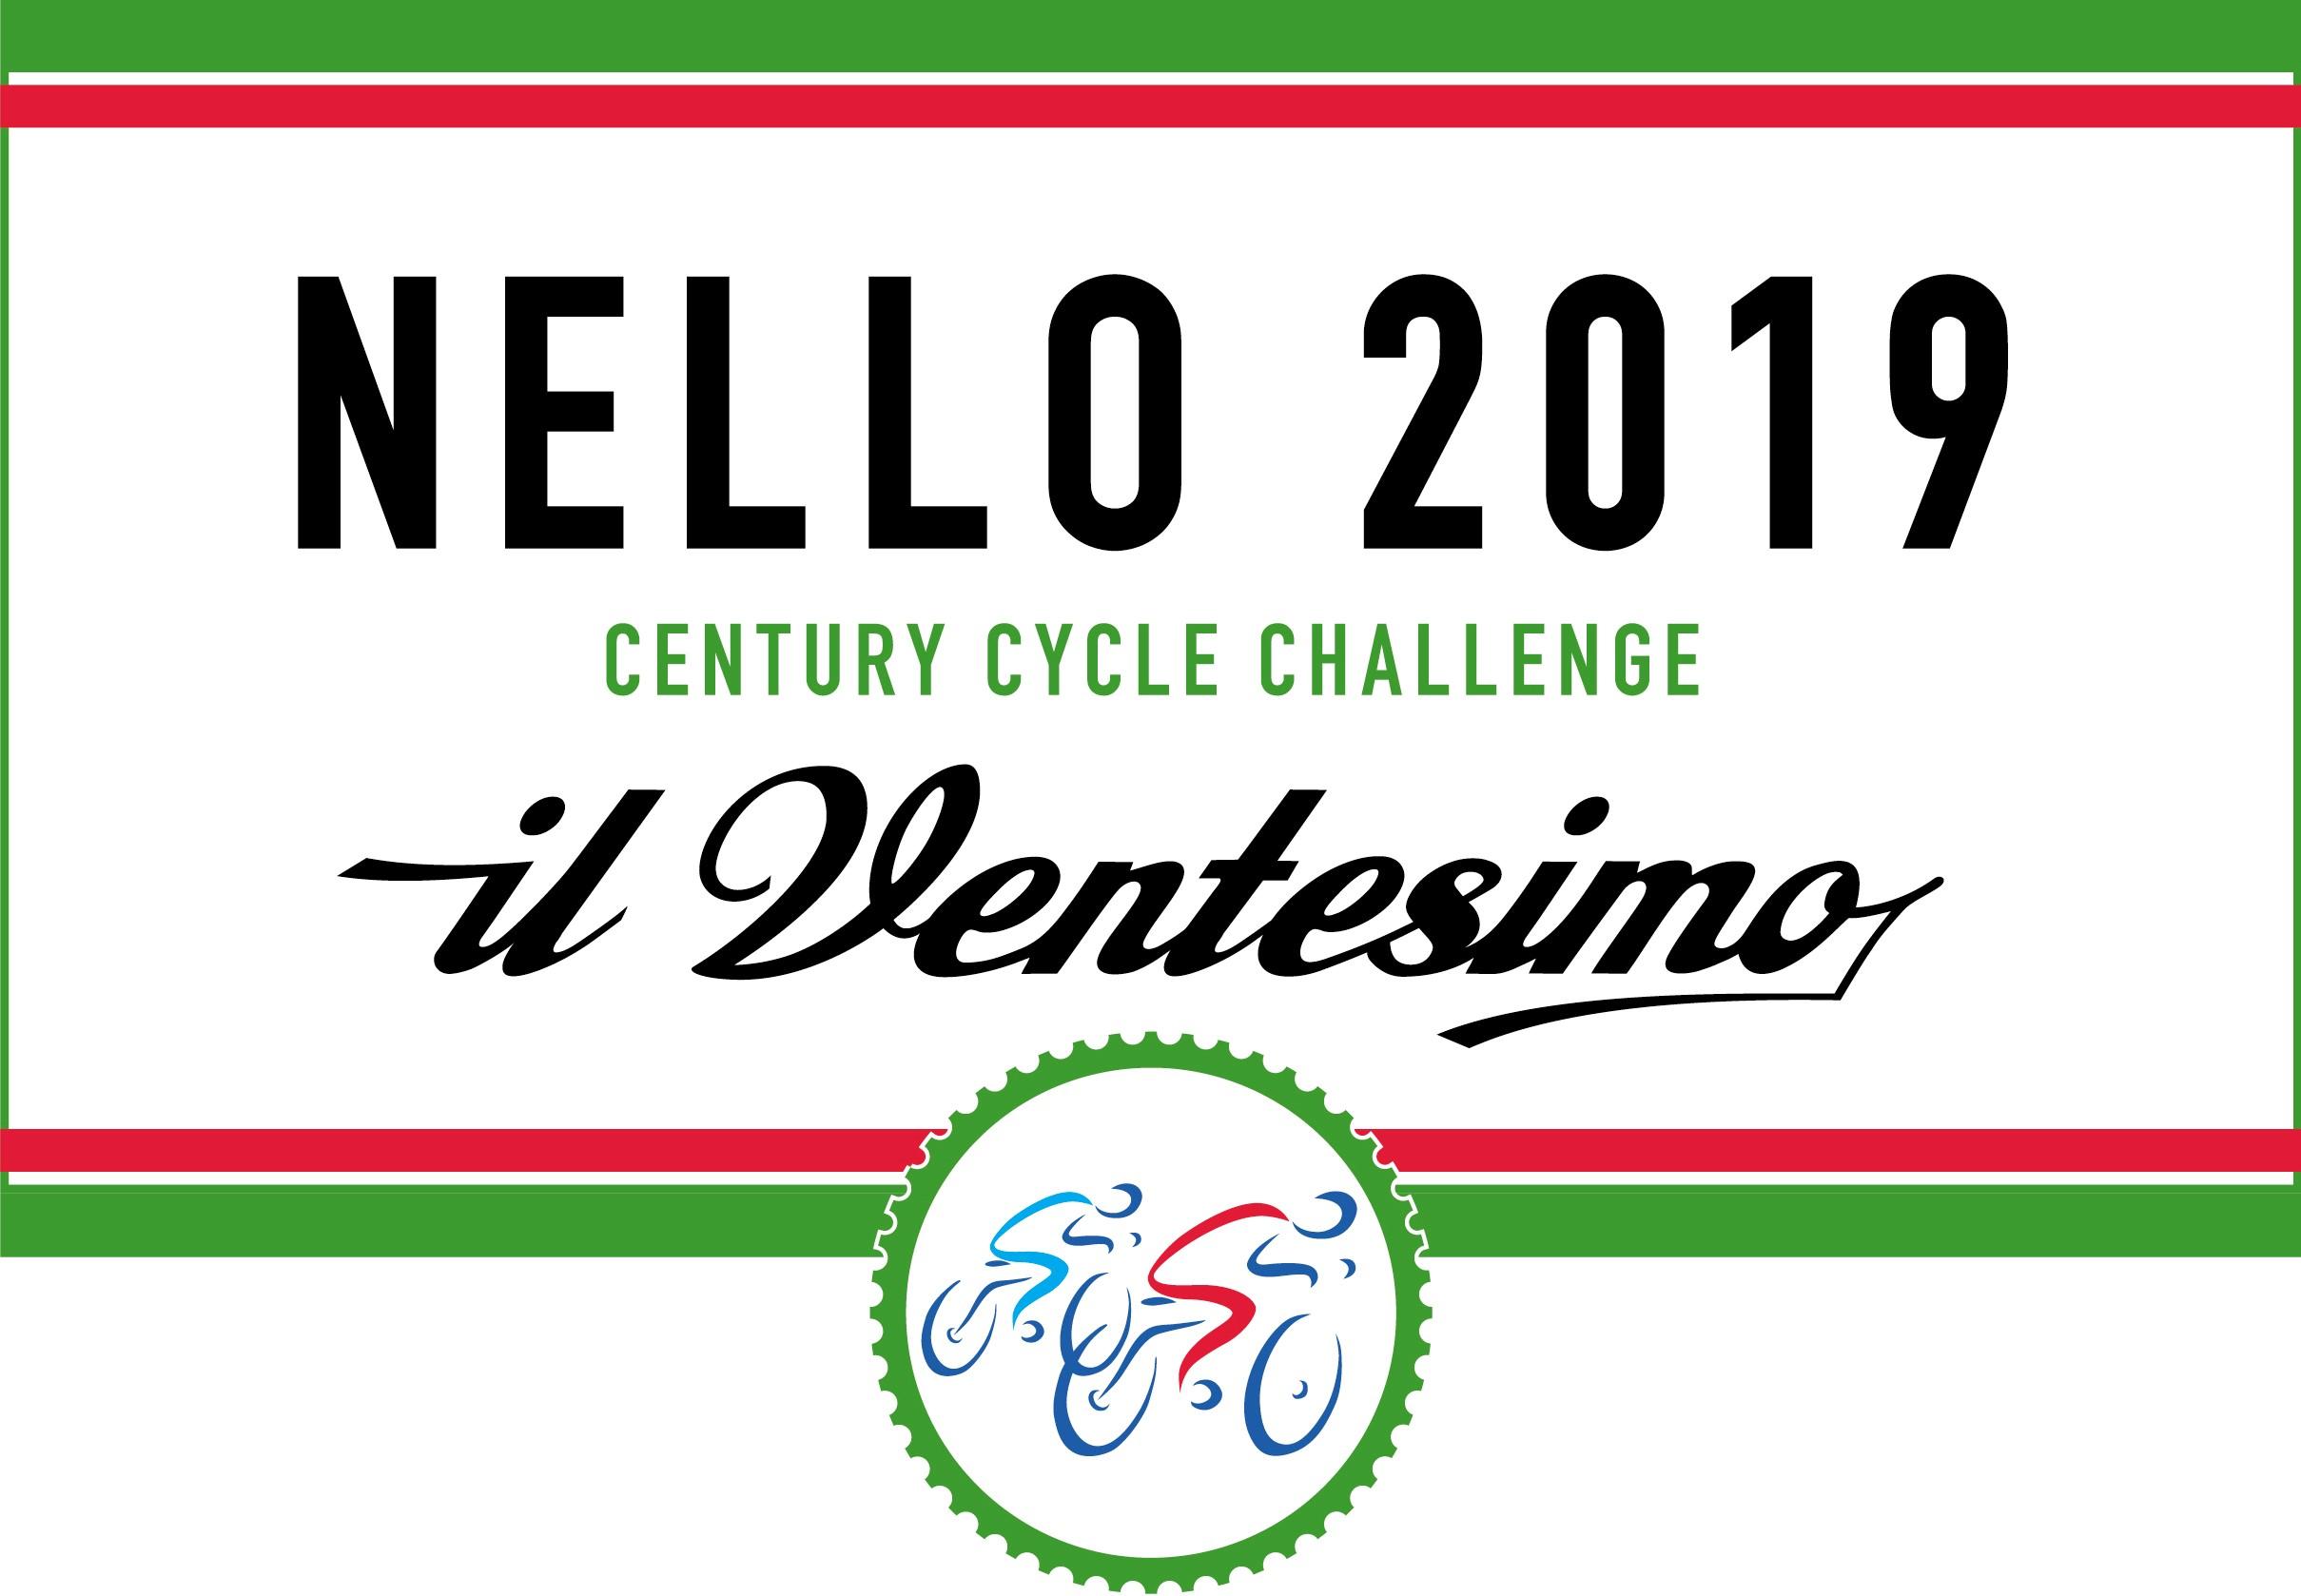 The Nello 2019 Il Ventesimo Exeter Devon 2019 Active